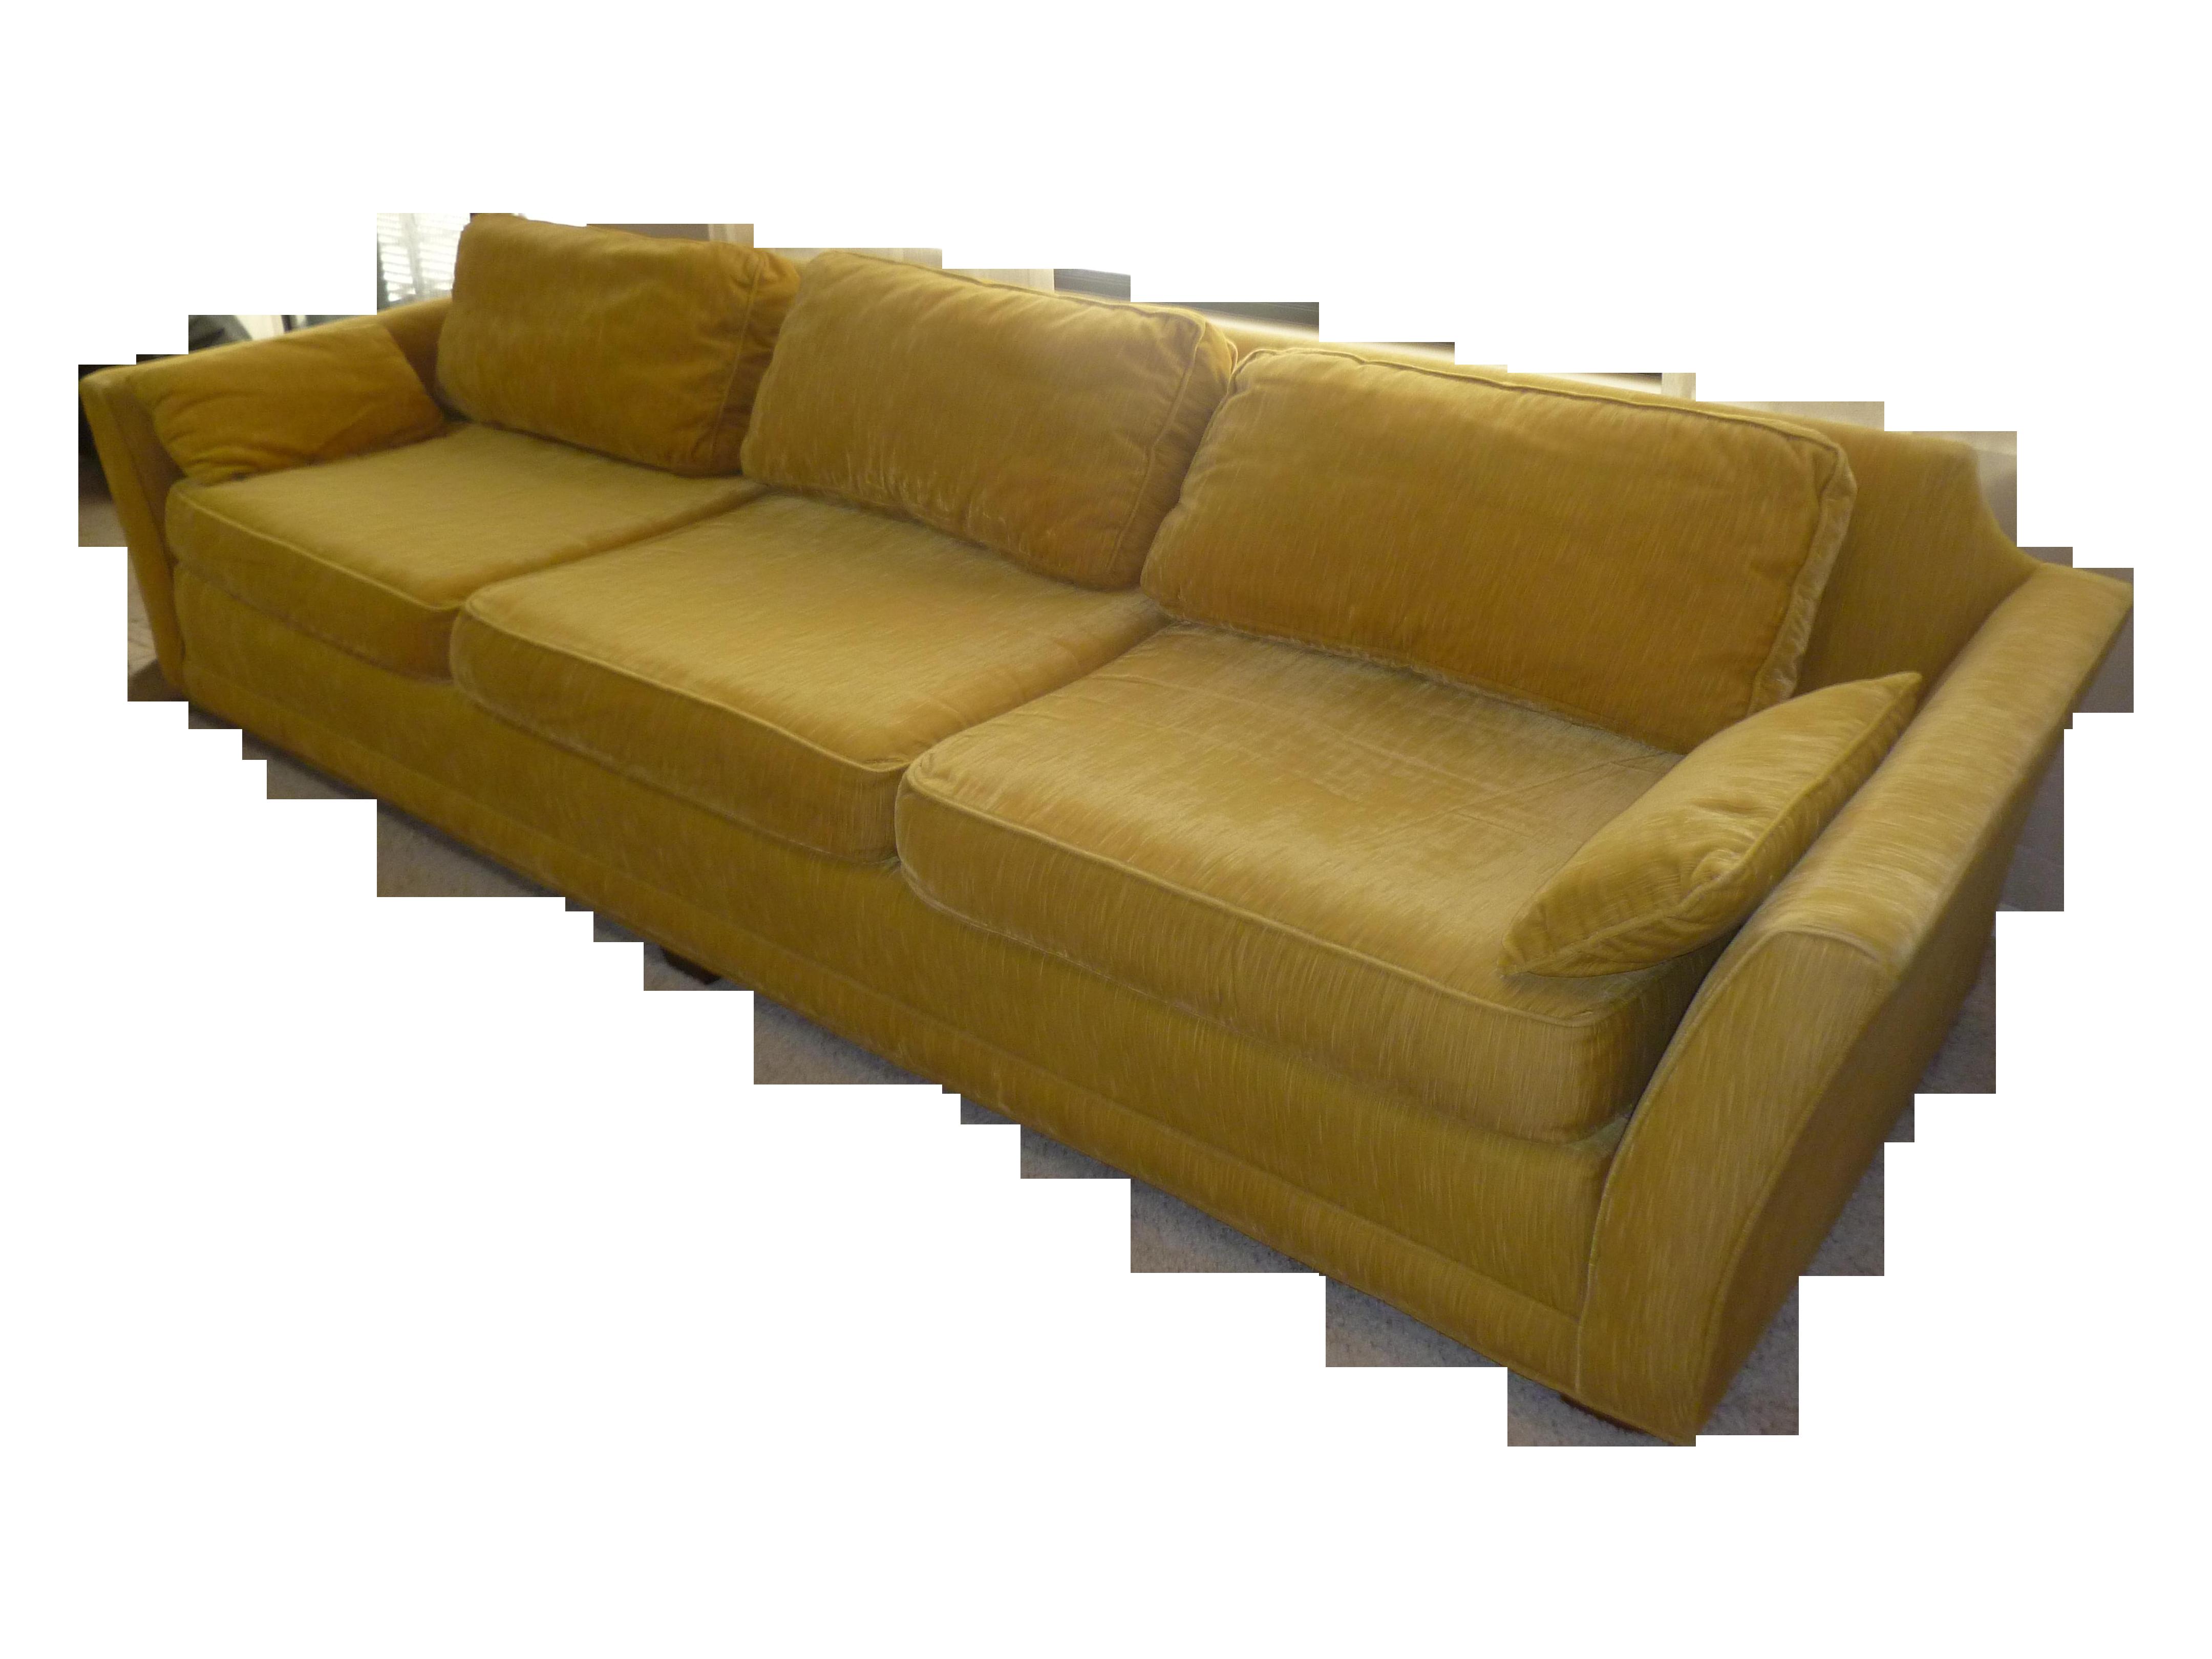 Marge Carson Sofa With Down Pillows Chairish